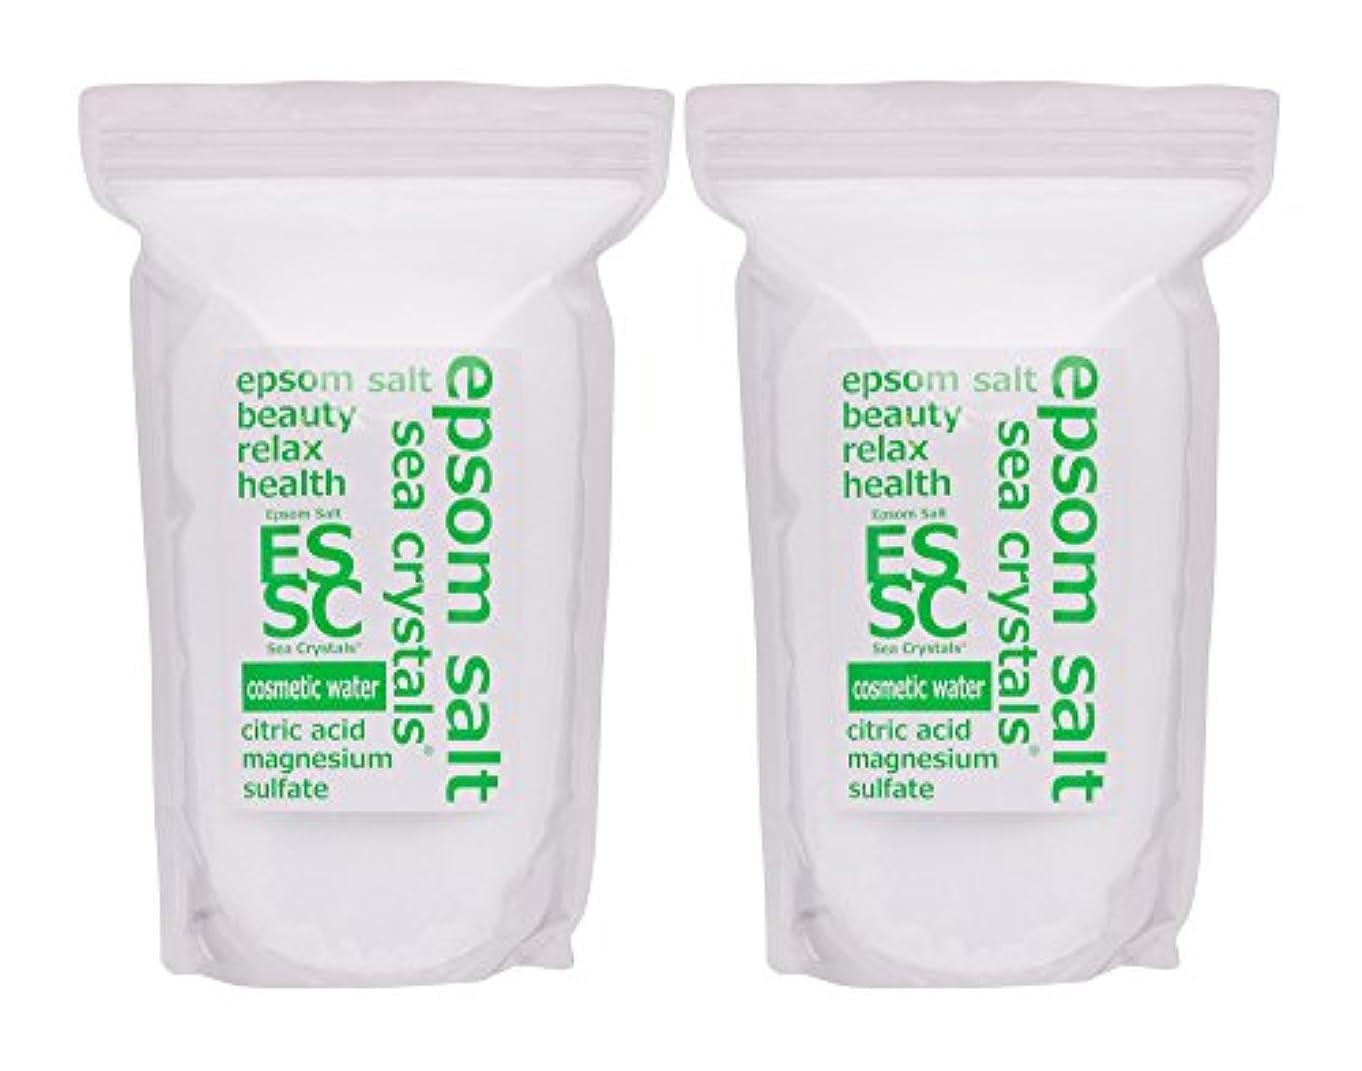 一貫した日帰り旅行にサスティーンエプソムソルト コスメティックウォーター 4,4kg(2.2kgX2) 入浴剤(浴用化粧品)クエン酸配合 シークリスタルス 計量スプーン付